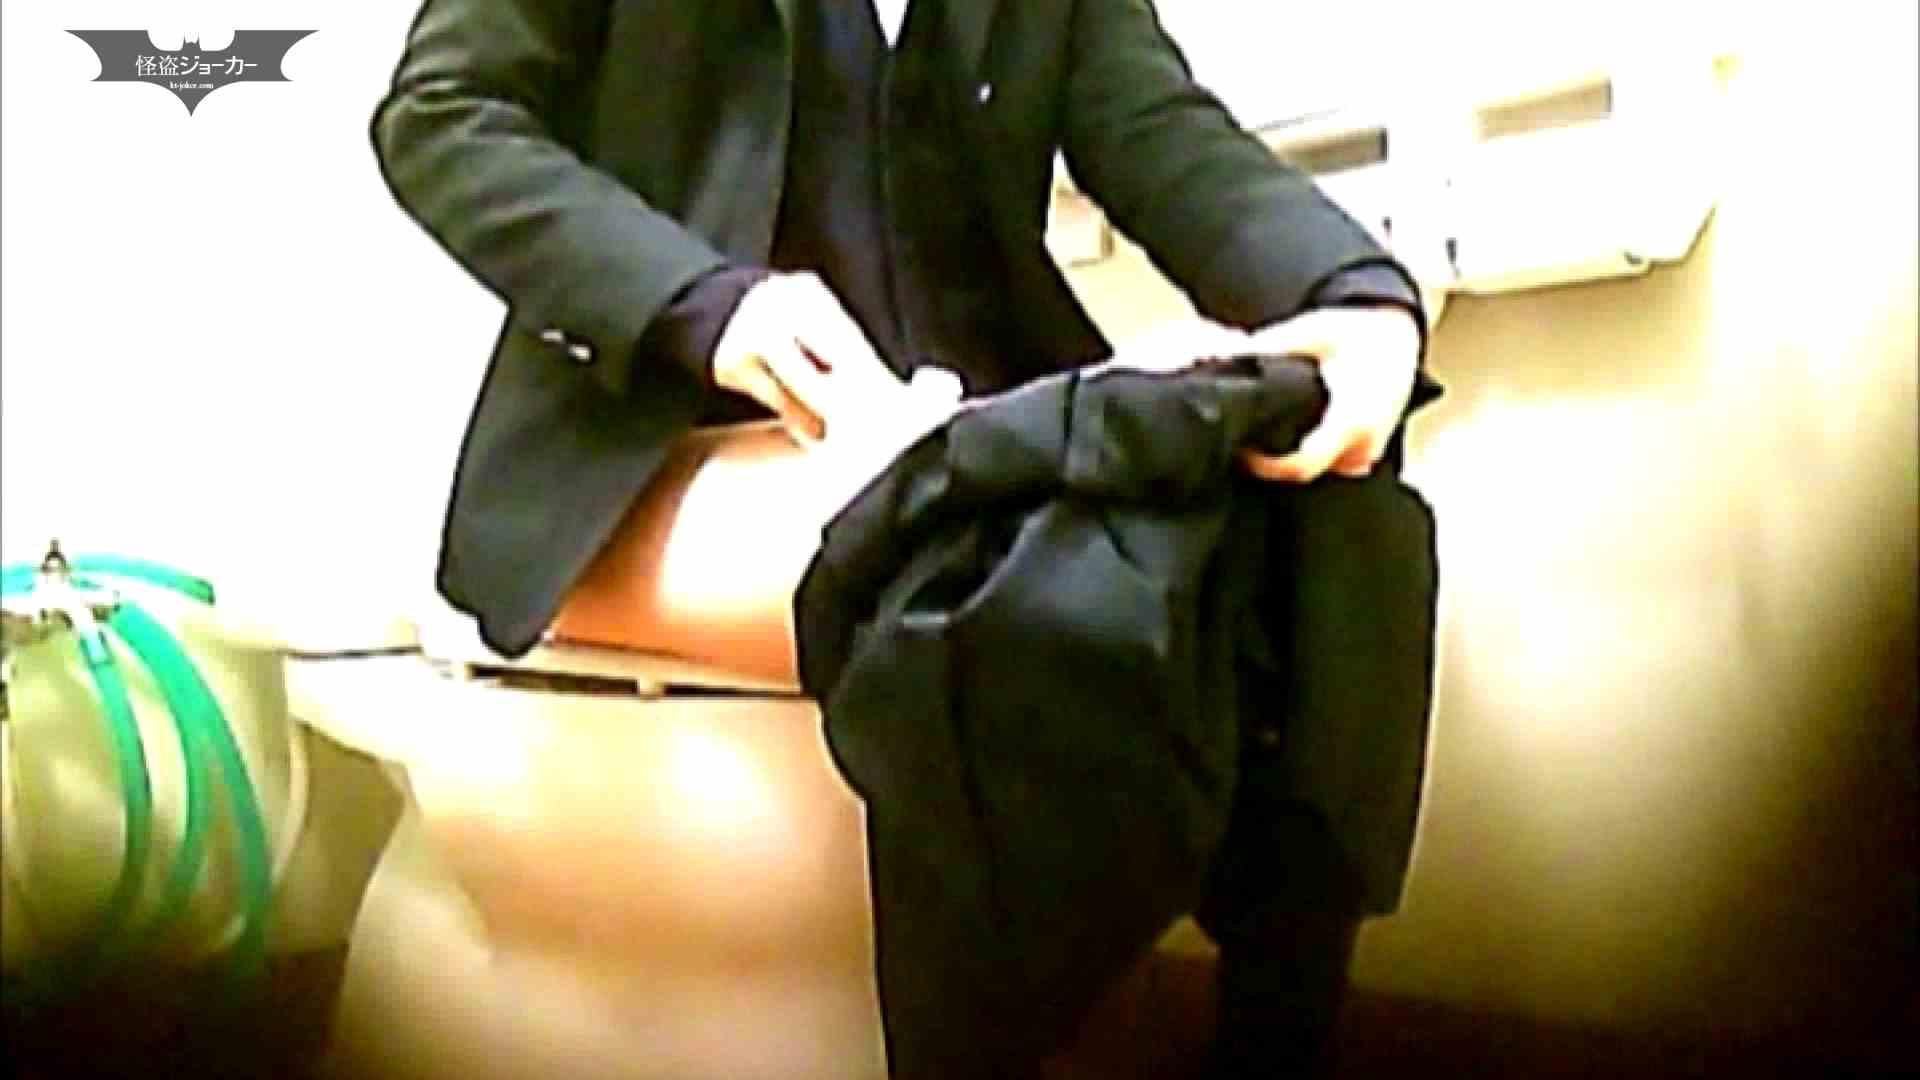 店長代理の盗撮録 Vol.02 制服ばかりをあつめてみました。その2 OLの実態 盗撮エロ画像 47pic 22